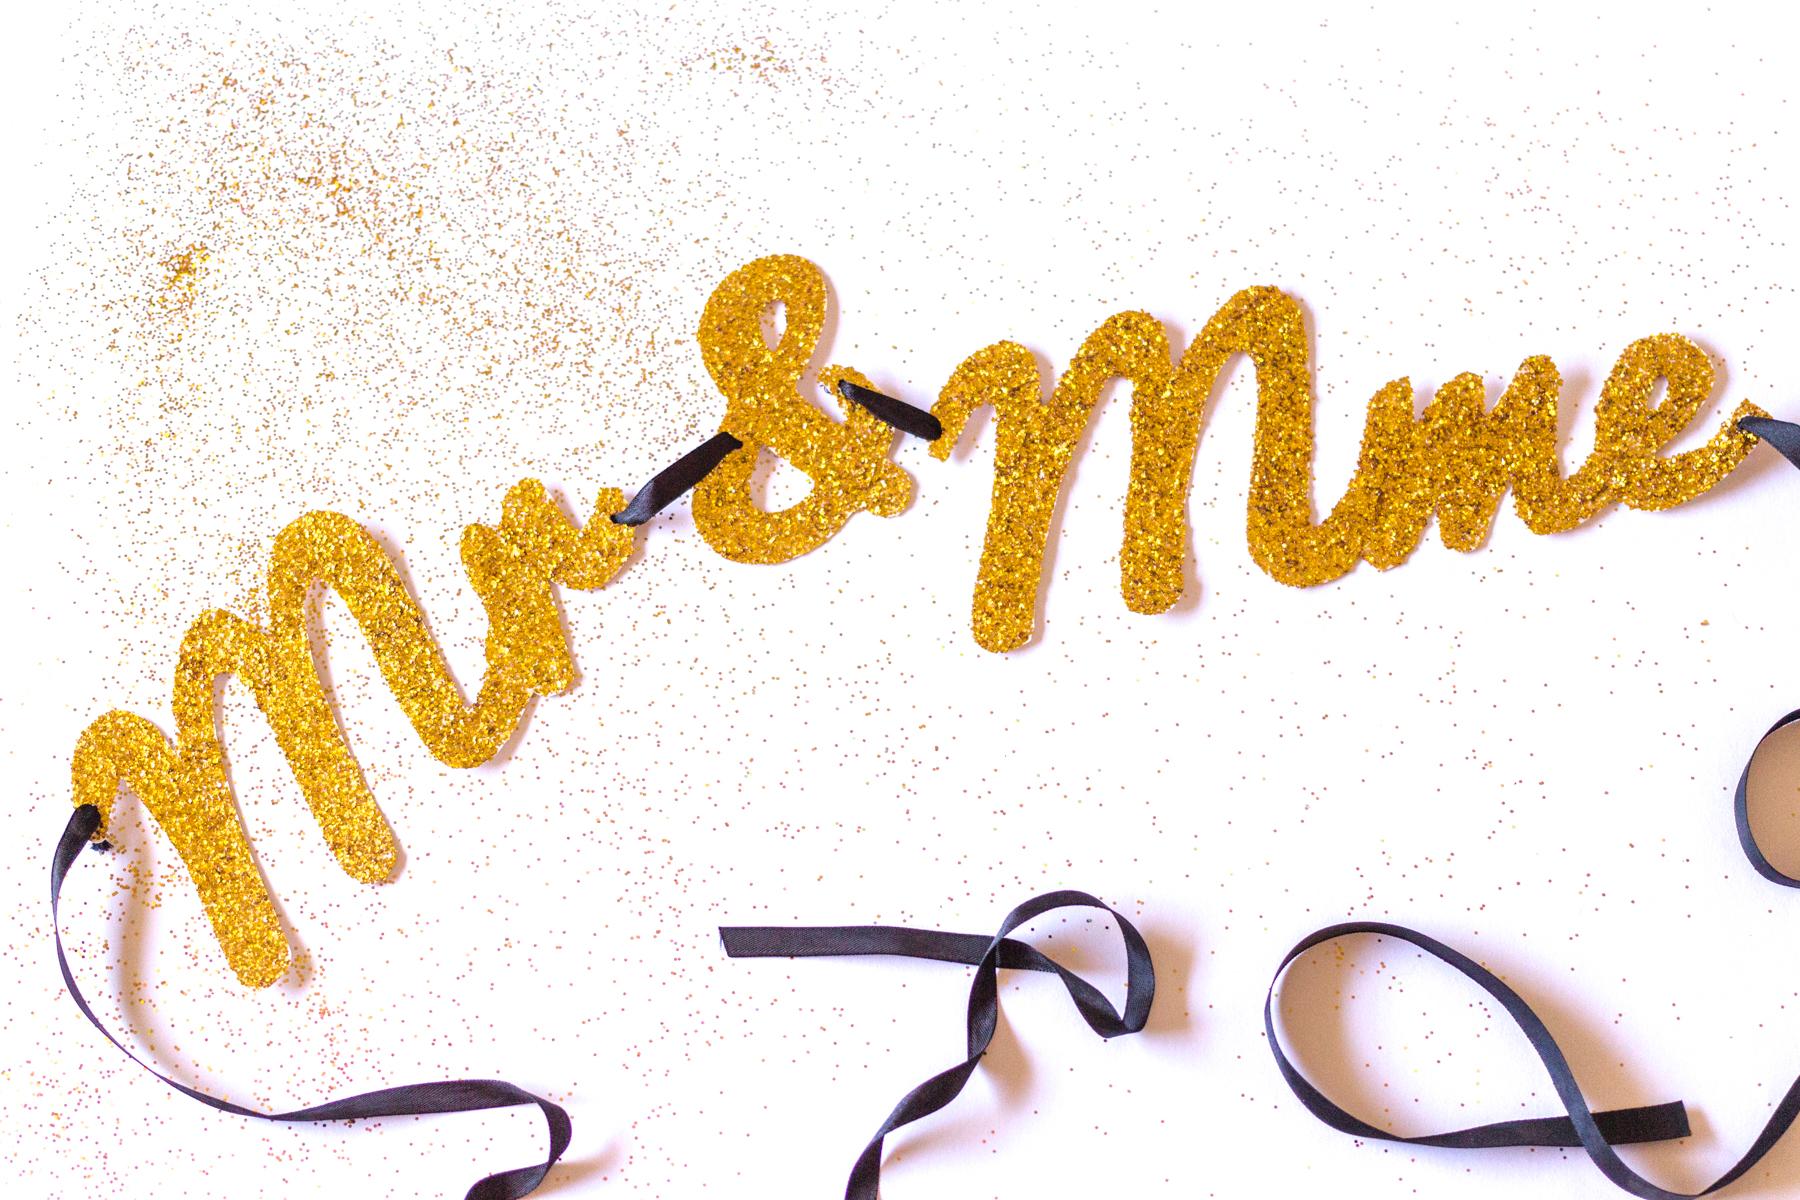 Guirlande DiY Monsieur & Madame | Atelier do it yourself | Blog mariage La Mariée Sous Les Etoiles